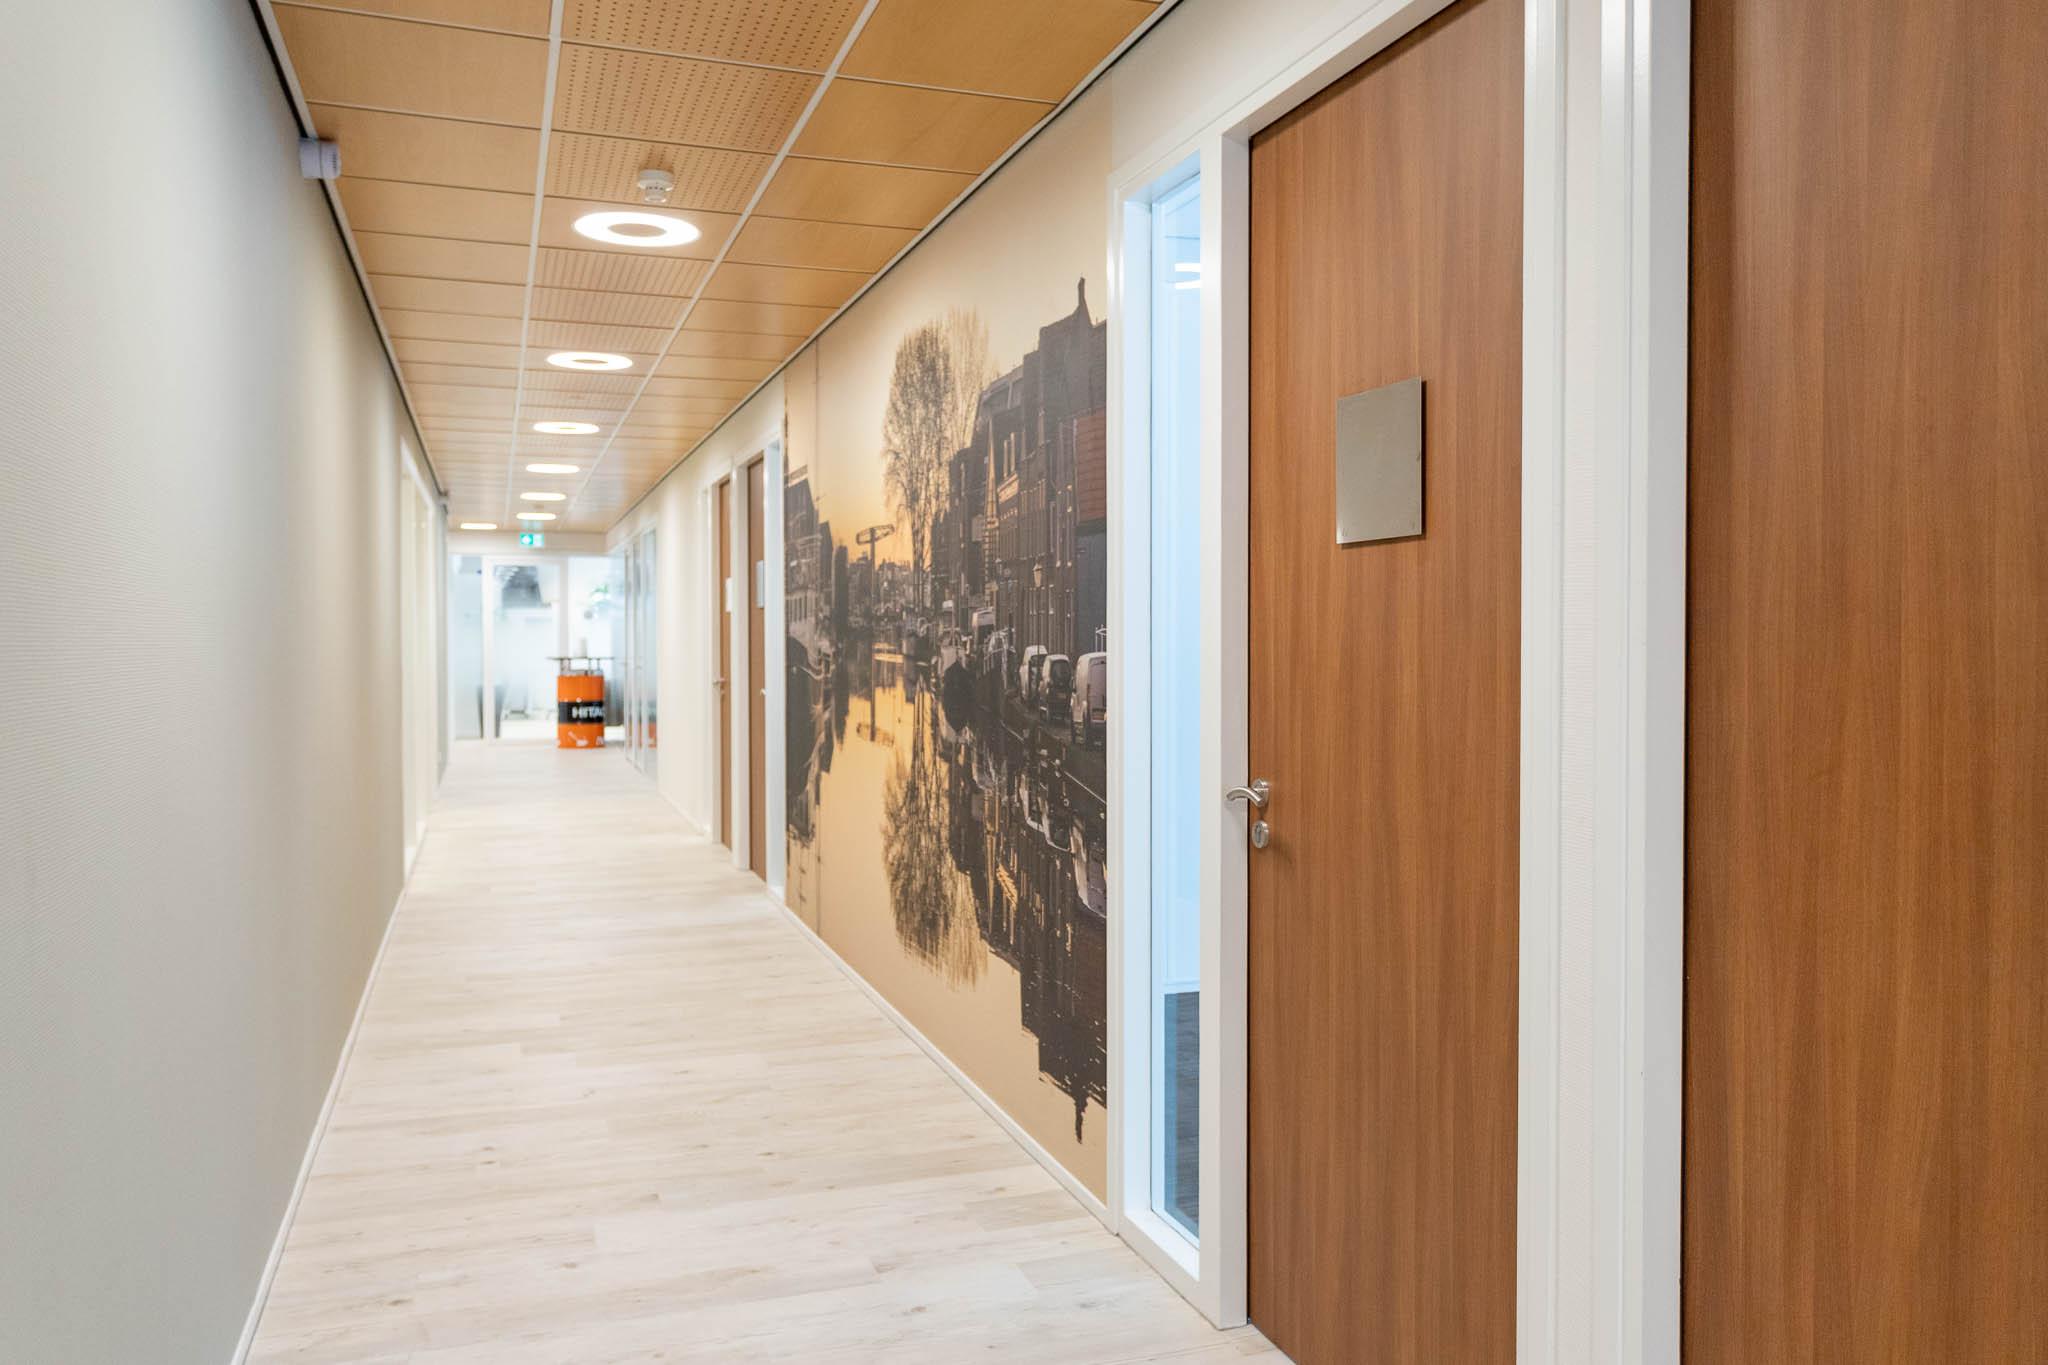 Kantoorruimte-leiden-lammenschans-huren-crown-business-center